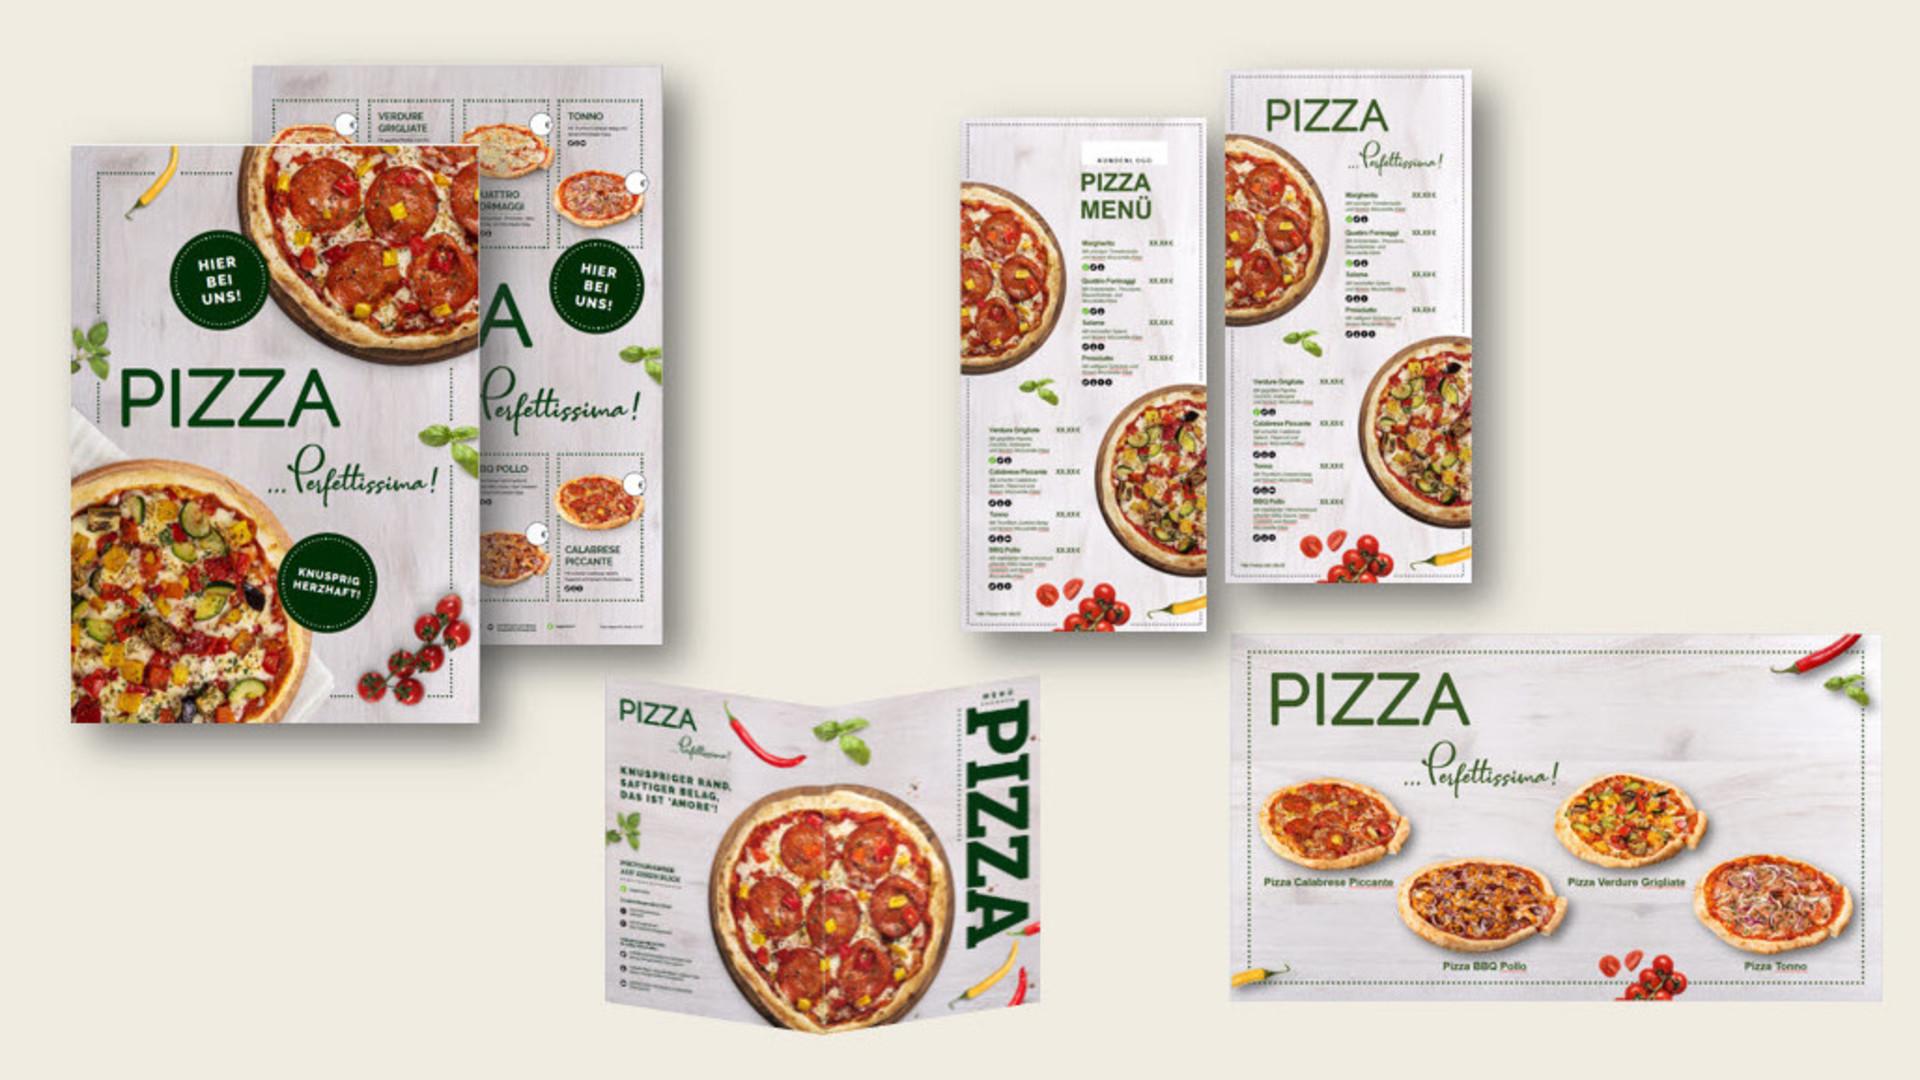 Die Pizza Perfettissima Welt für Ihren Gast